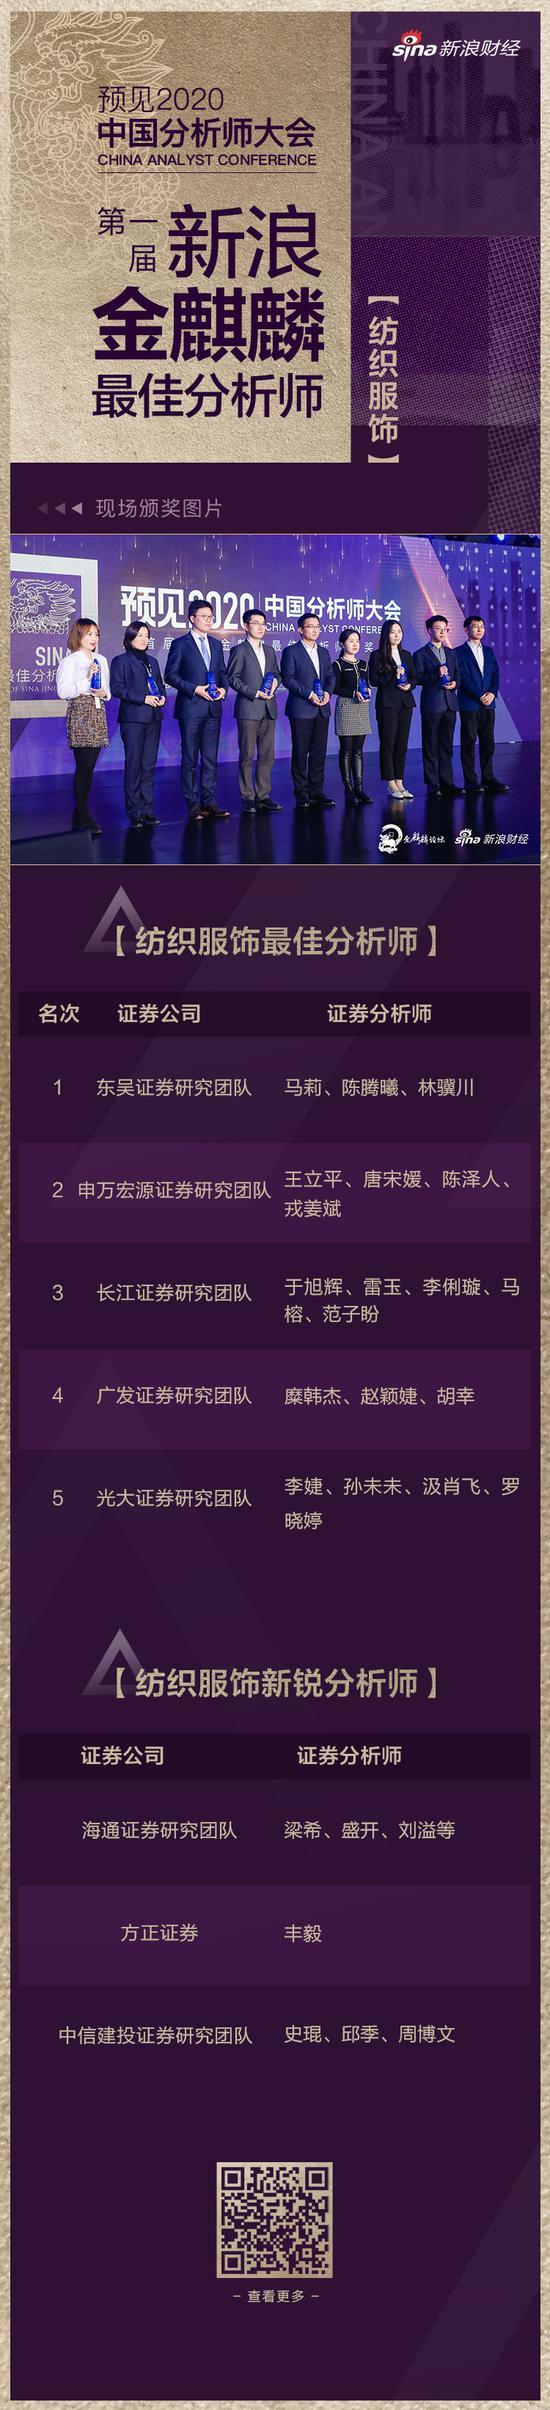 金鼎博客东方财富网首页,邢自强:大湾区发展有利香港国际金融中心地位再提升